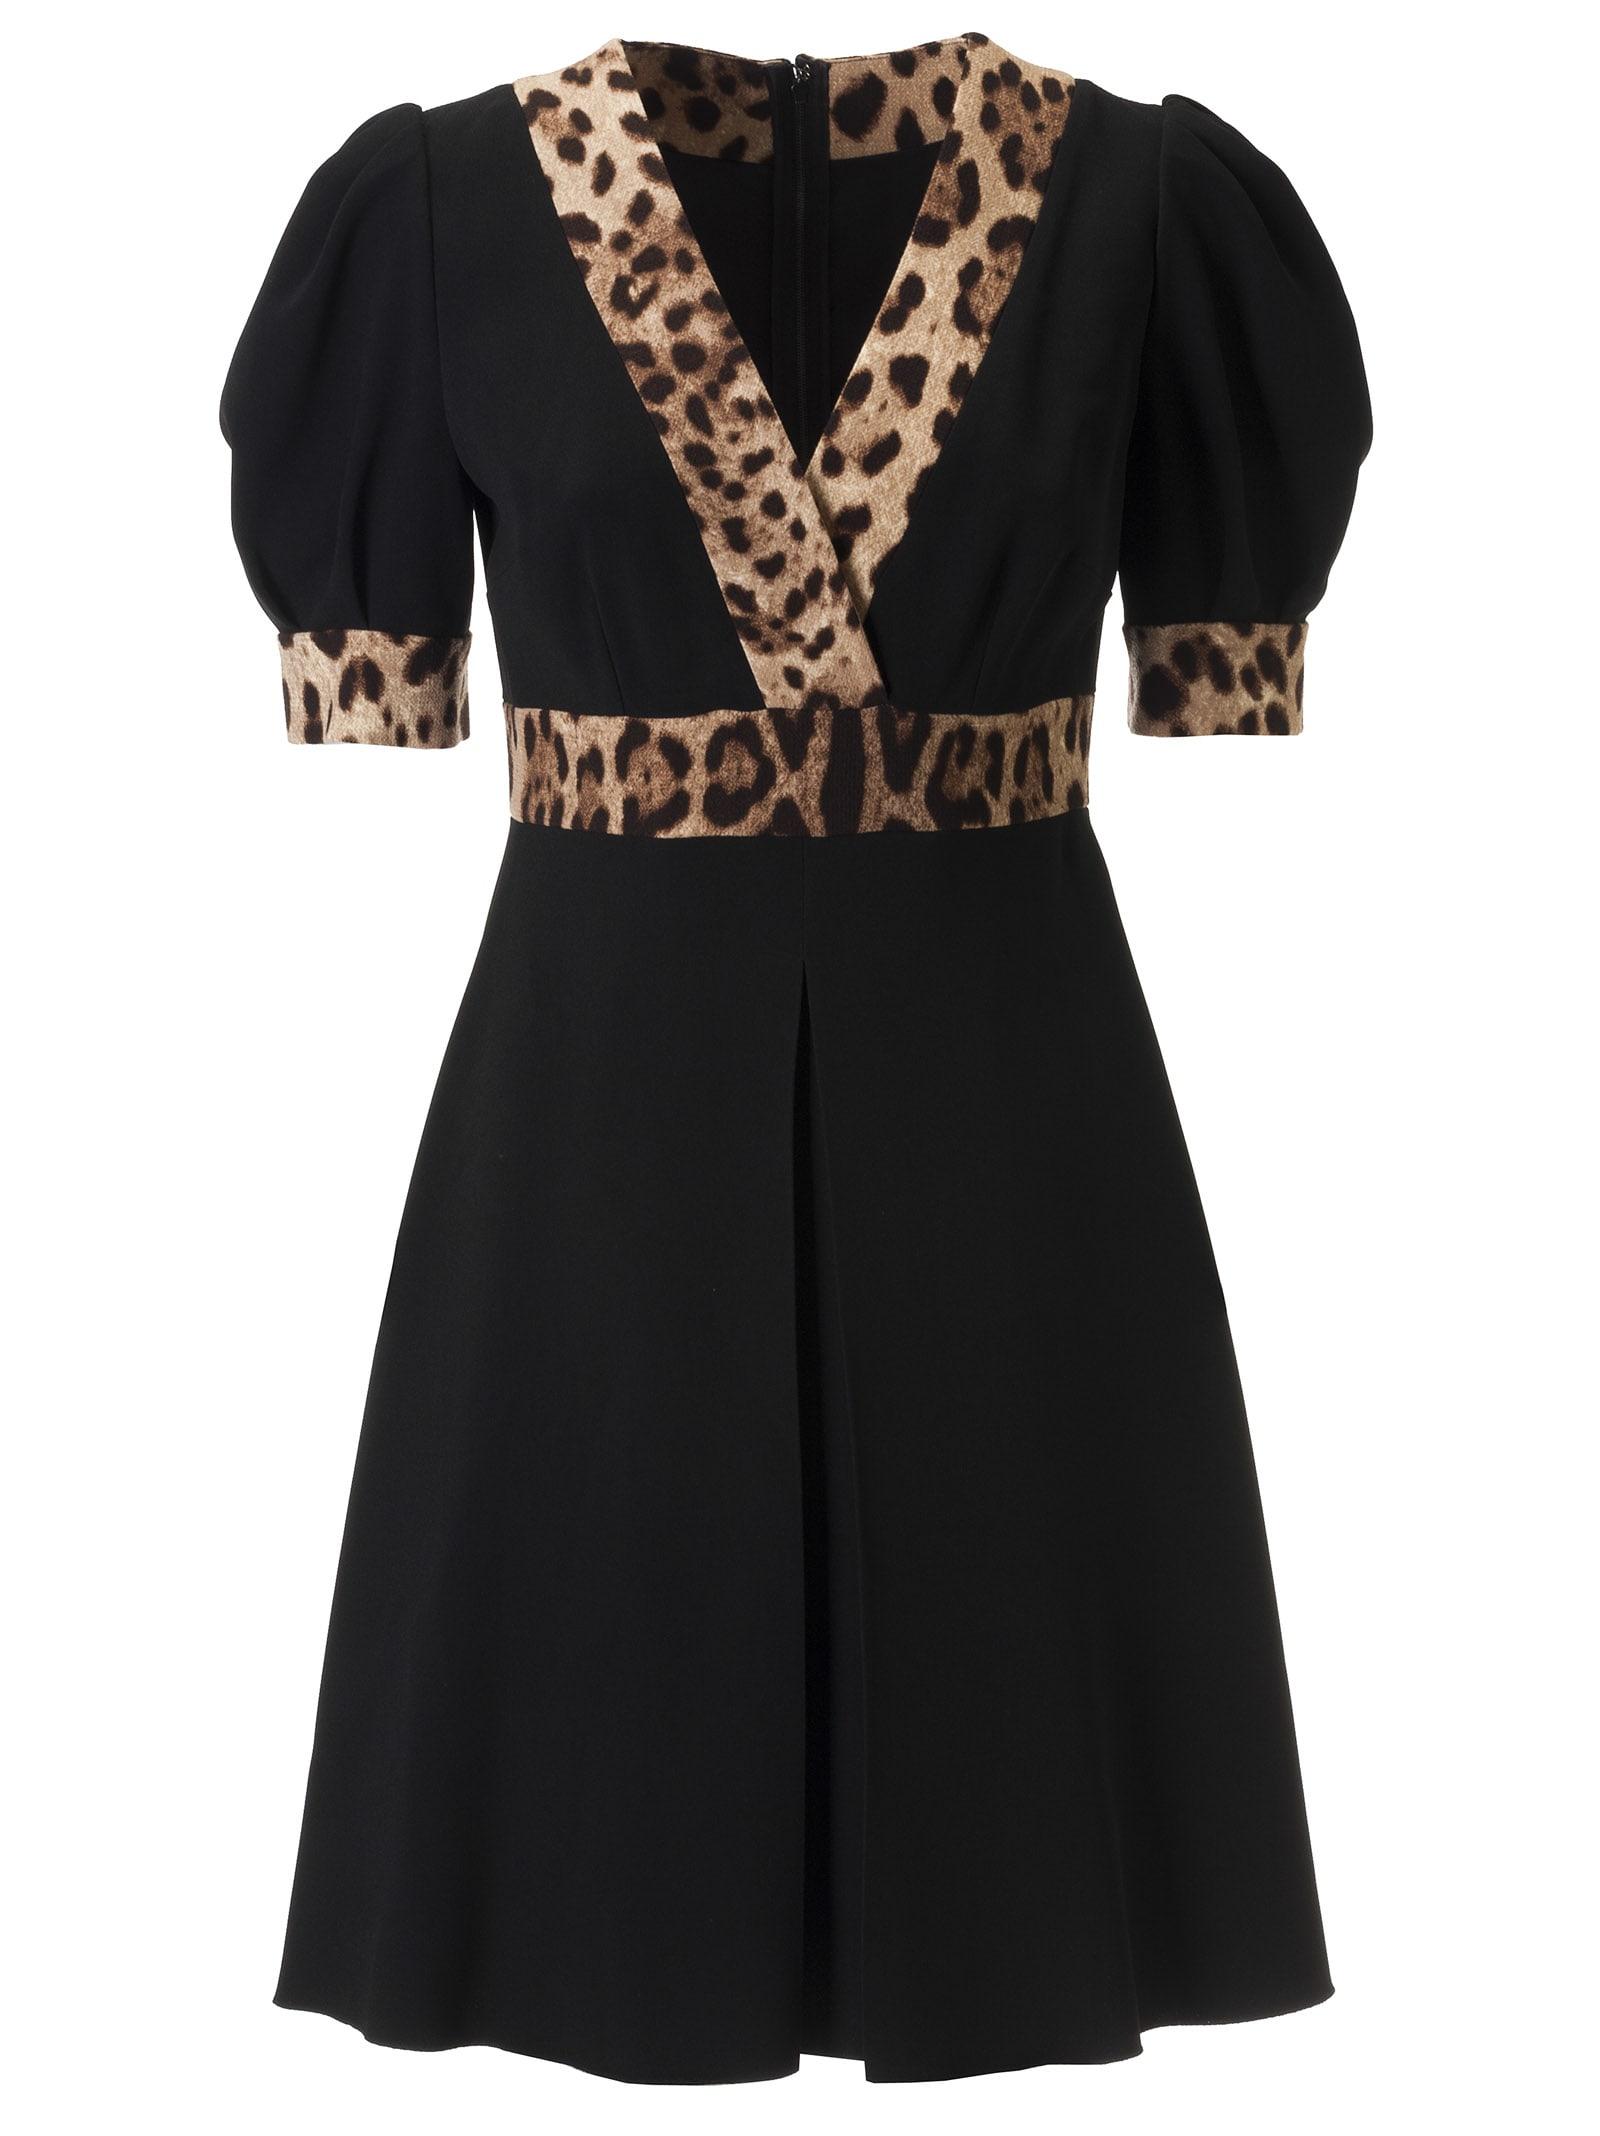 Dolce & Gabbana Leopard Detail Dress